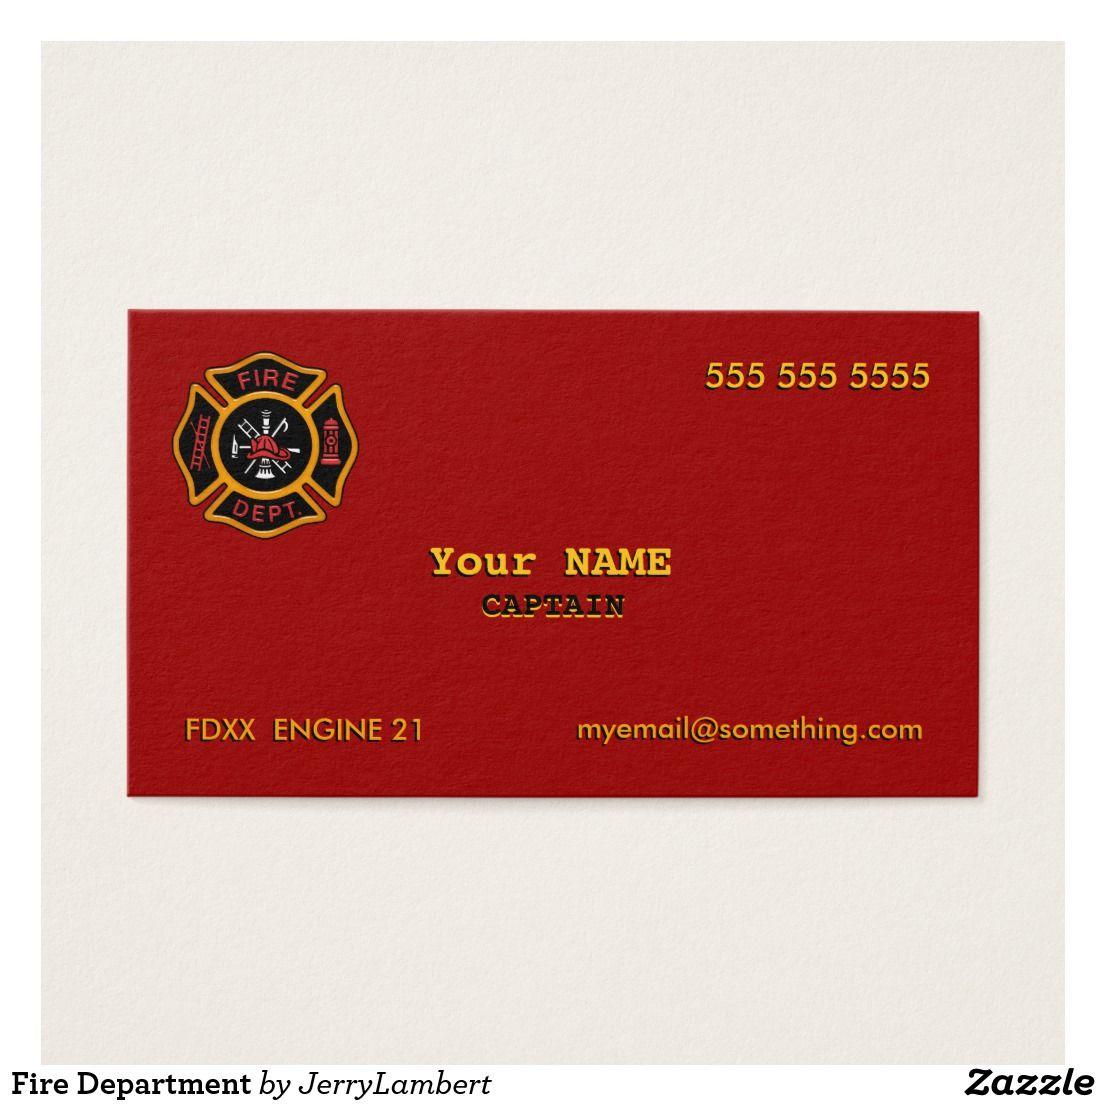 Fire Department | Firefighter Business Cards | Pinterest | Business ...